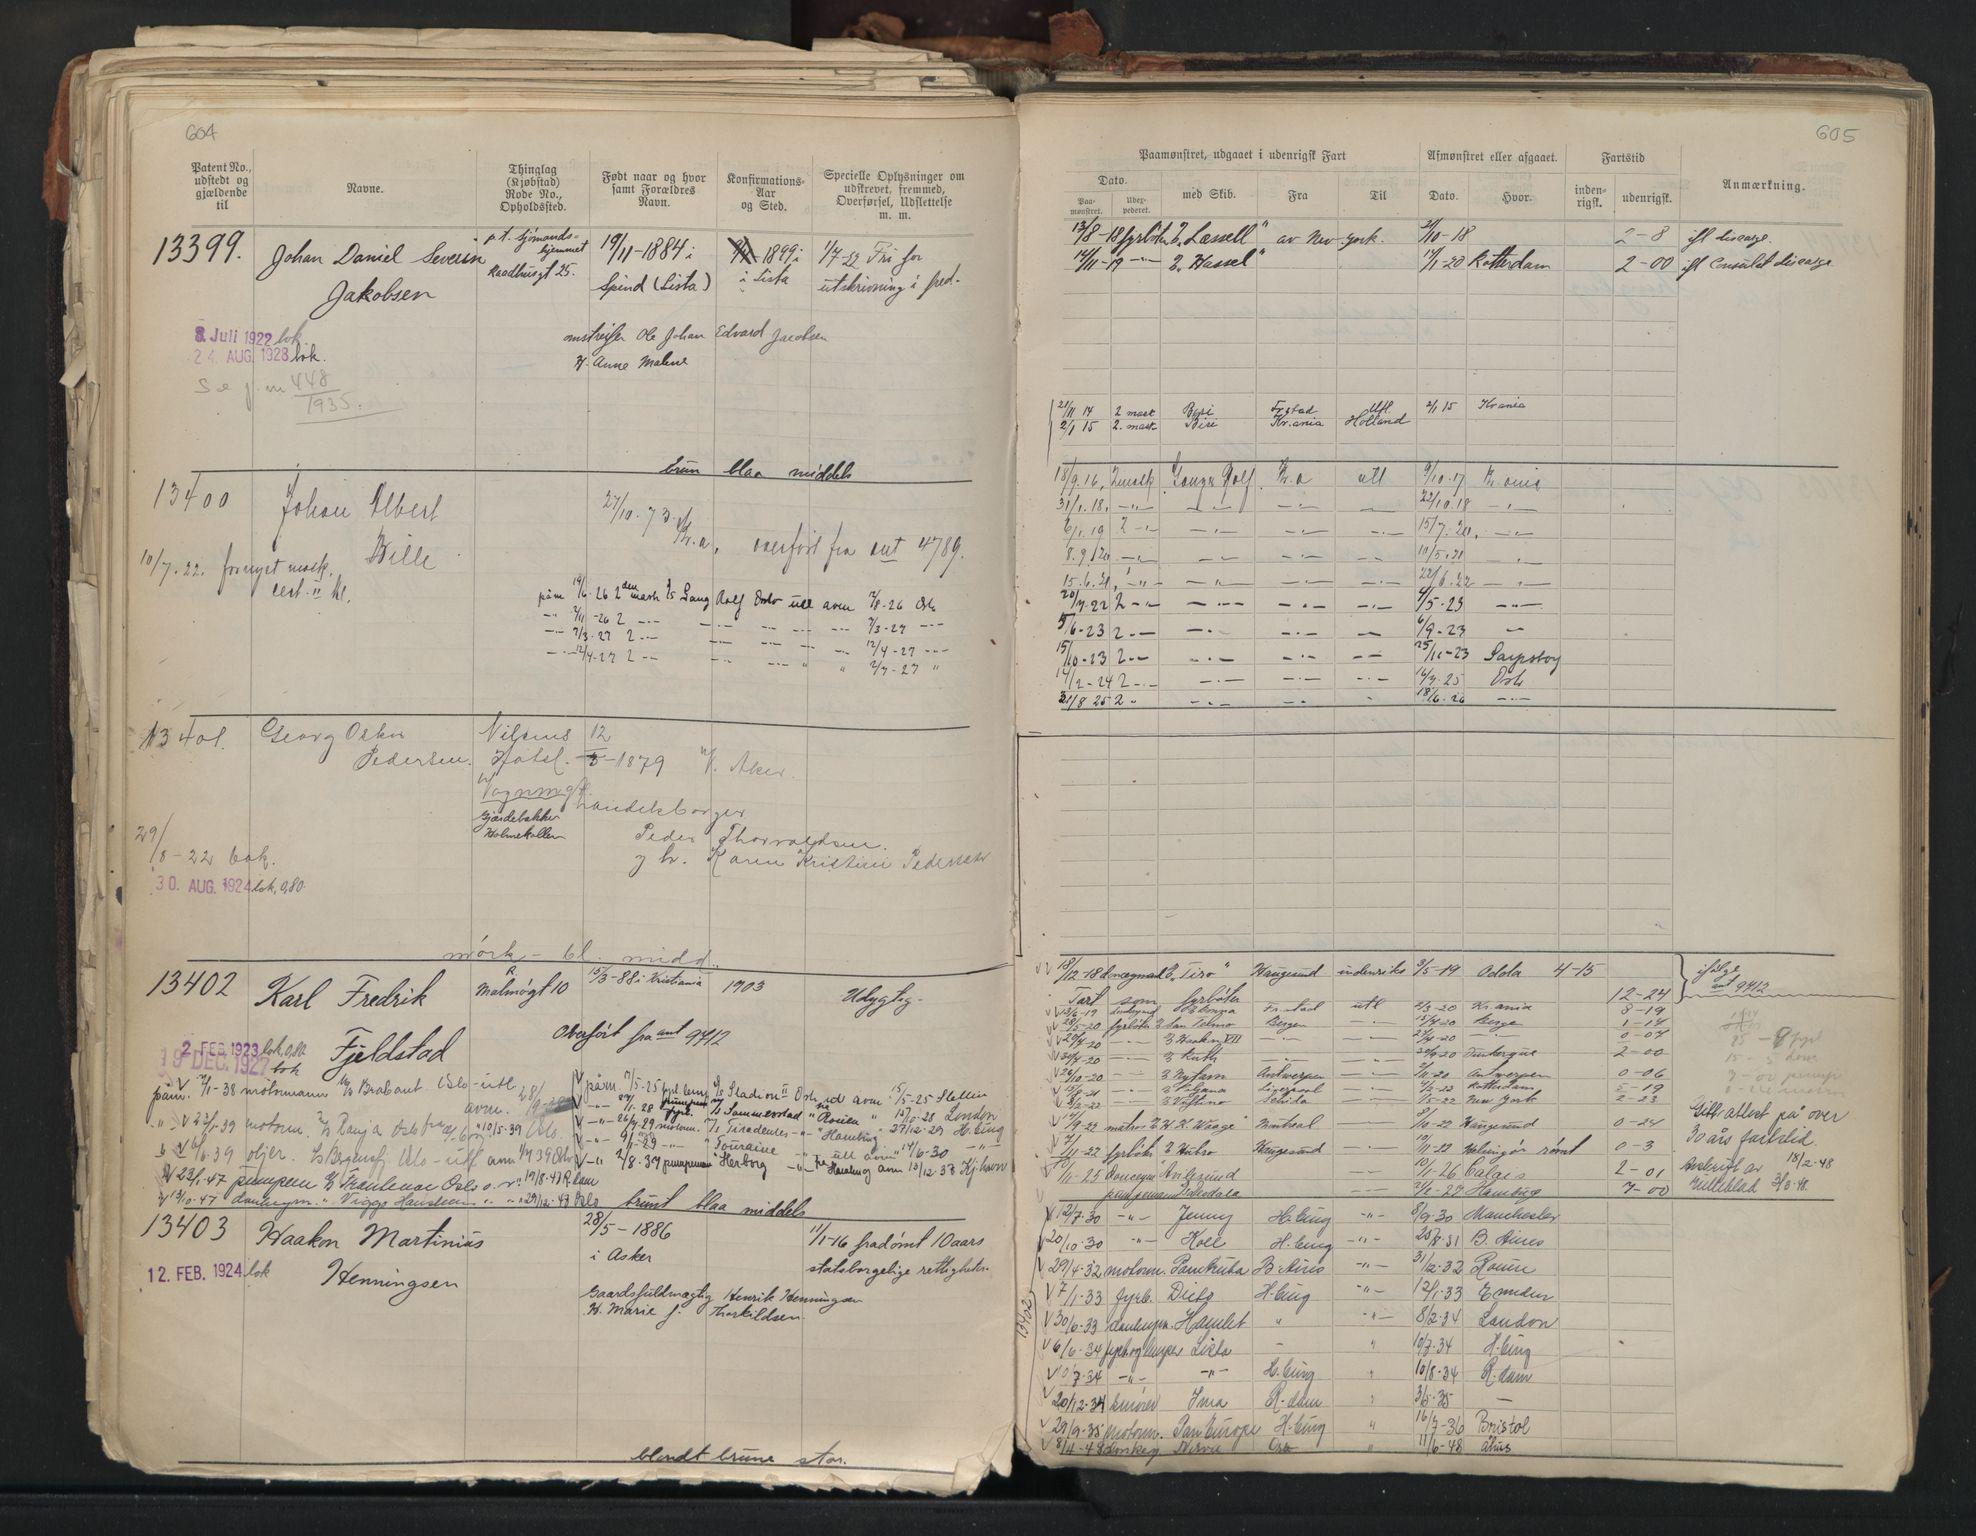 SAO, Oslo sjømannskontor, F/Fb/L0001: Annotasjonsrulle, 1908-1938, s. 604-605